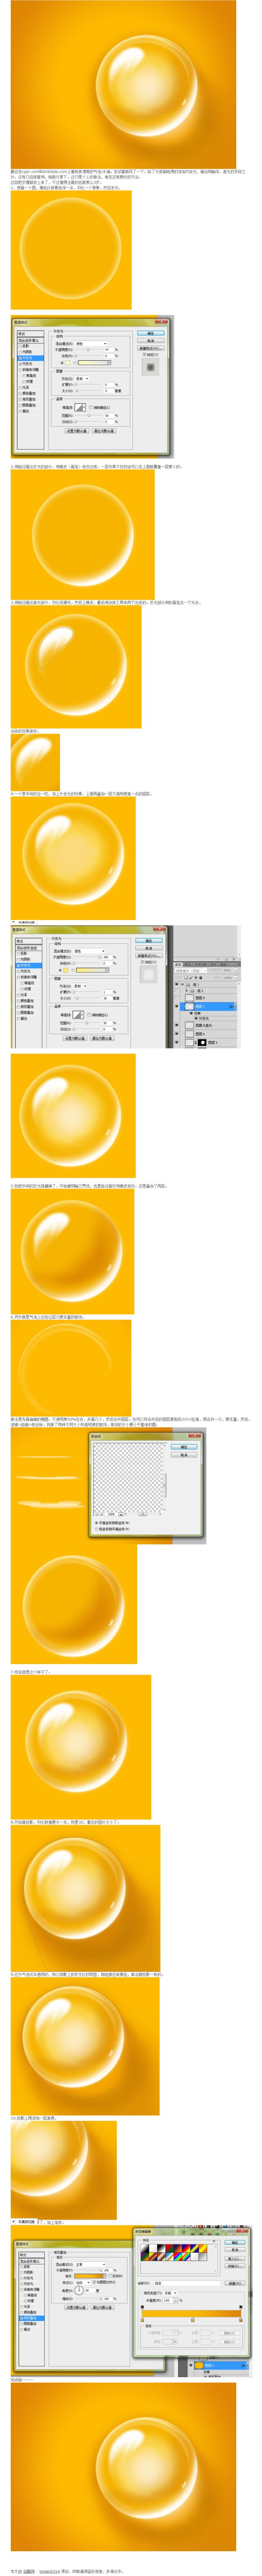 透明气泡/水滴(详细版)_平面设计_原创...